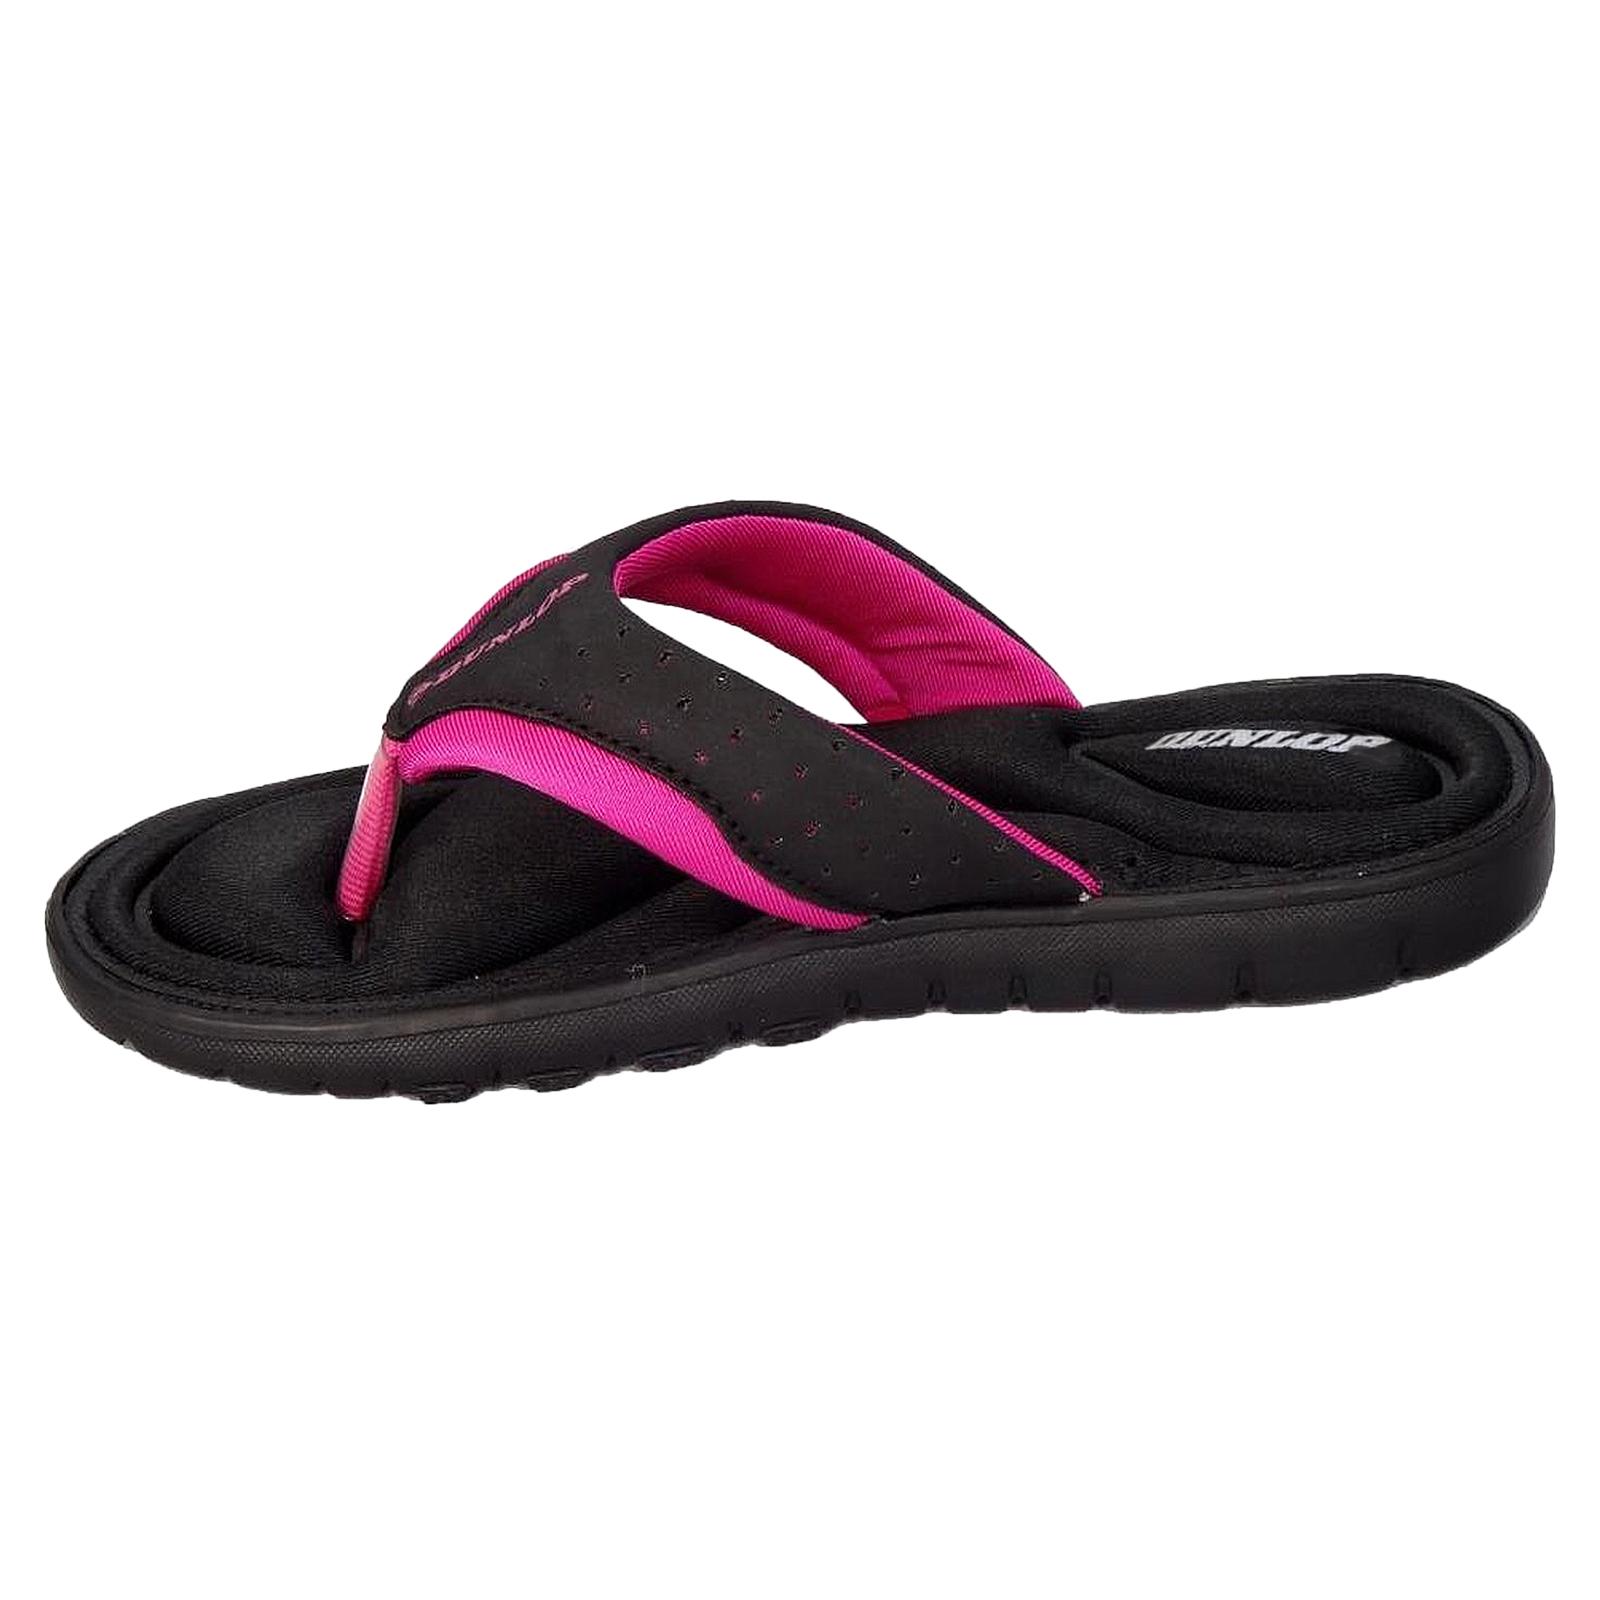 f819aa06e4c94 Womens Flip Flops Dunlop Ladies Memory Foam Toe Post Slip on Beach ...